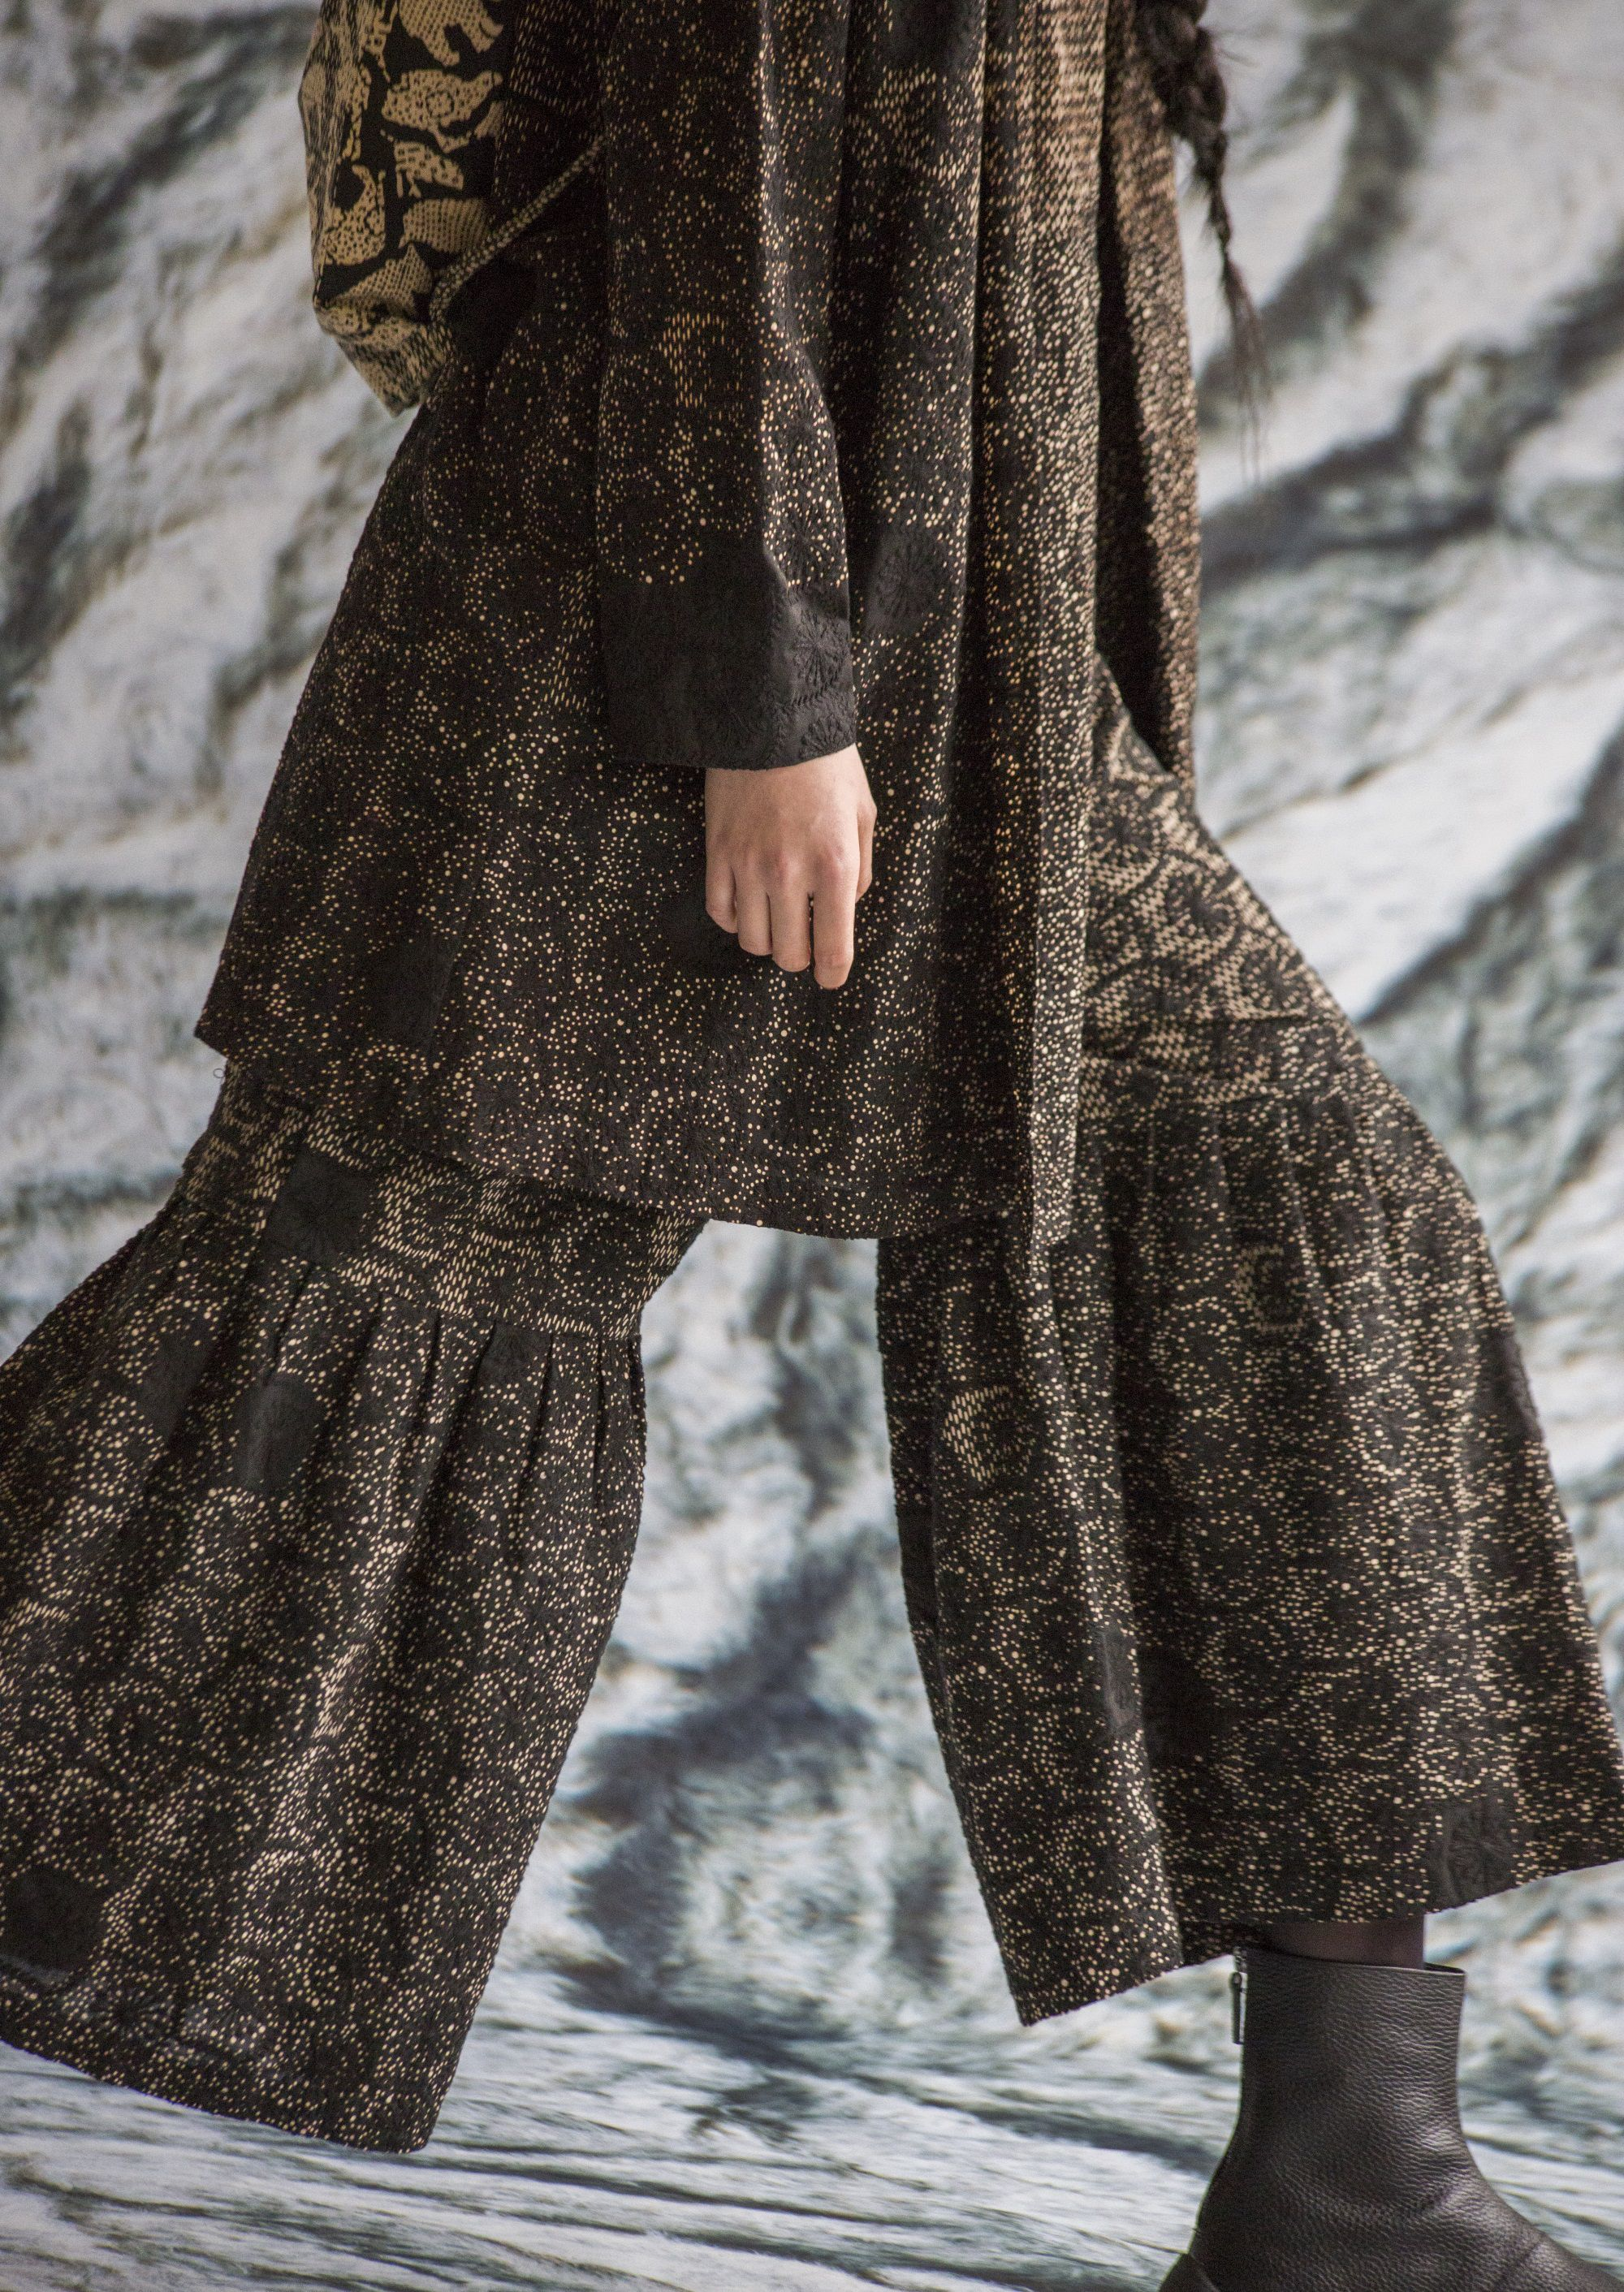 インドのクラフトマンシリーズ。刺繍レースの生地を裏面から抜染プリントしたテキスタイルを使用。(2019年AWコレクションより)